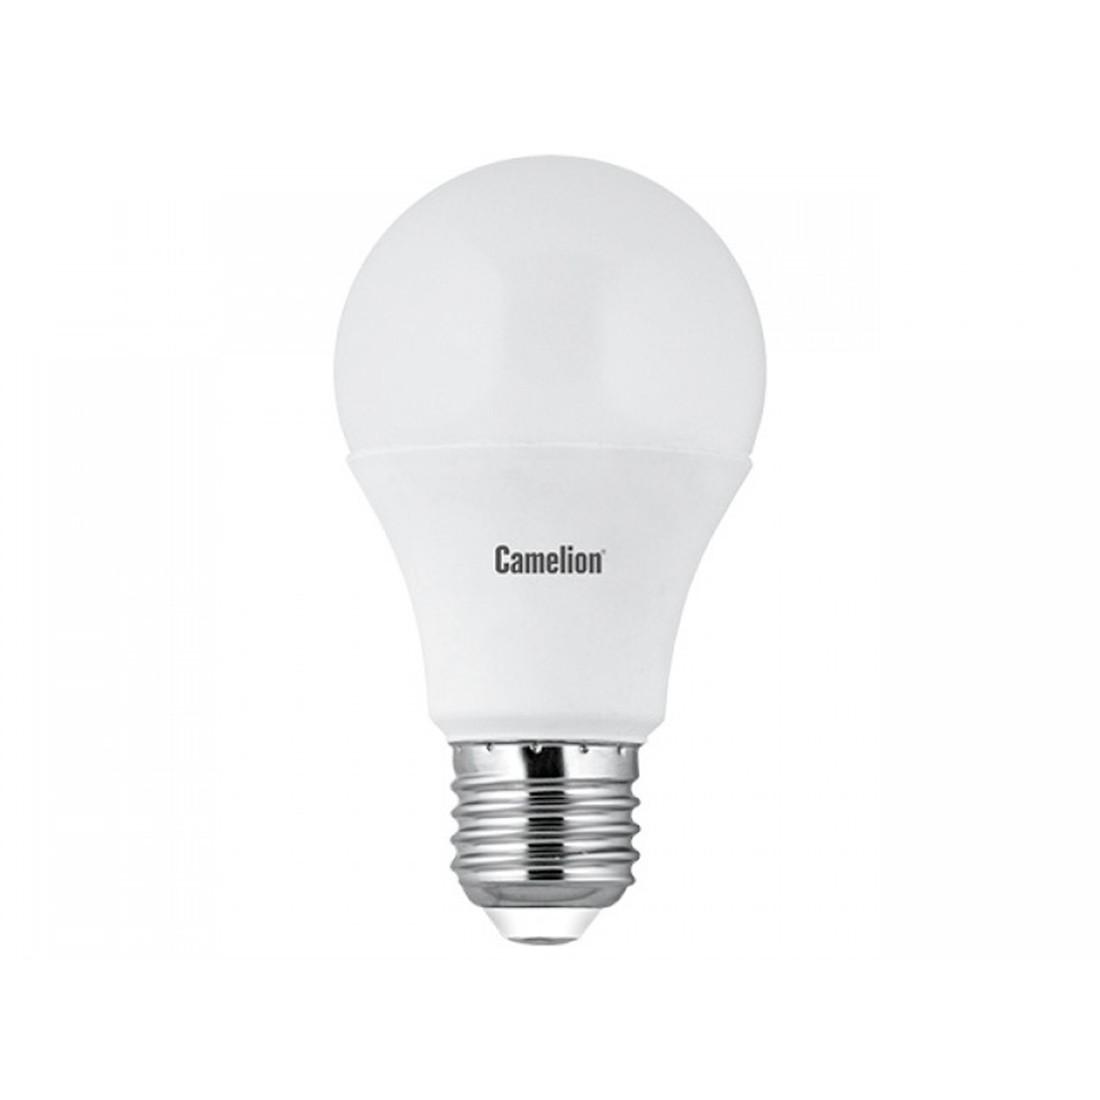 Эл. лампа светодиодная Camelion А60/6500К/E27/11Вт, Дневной